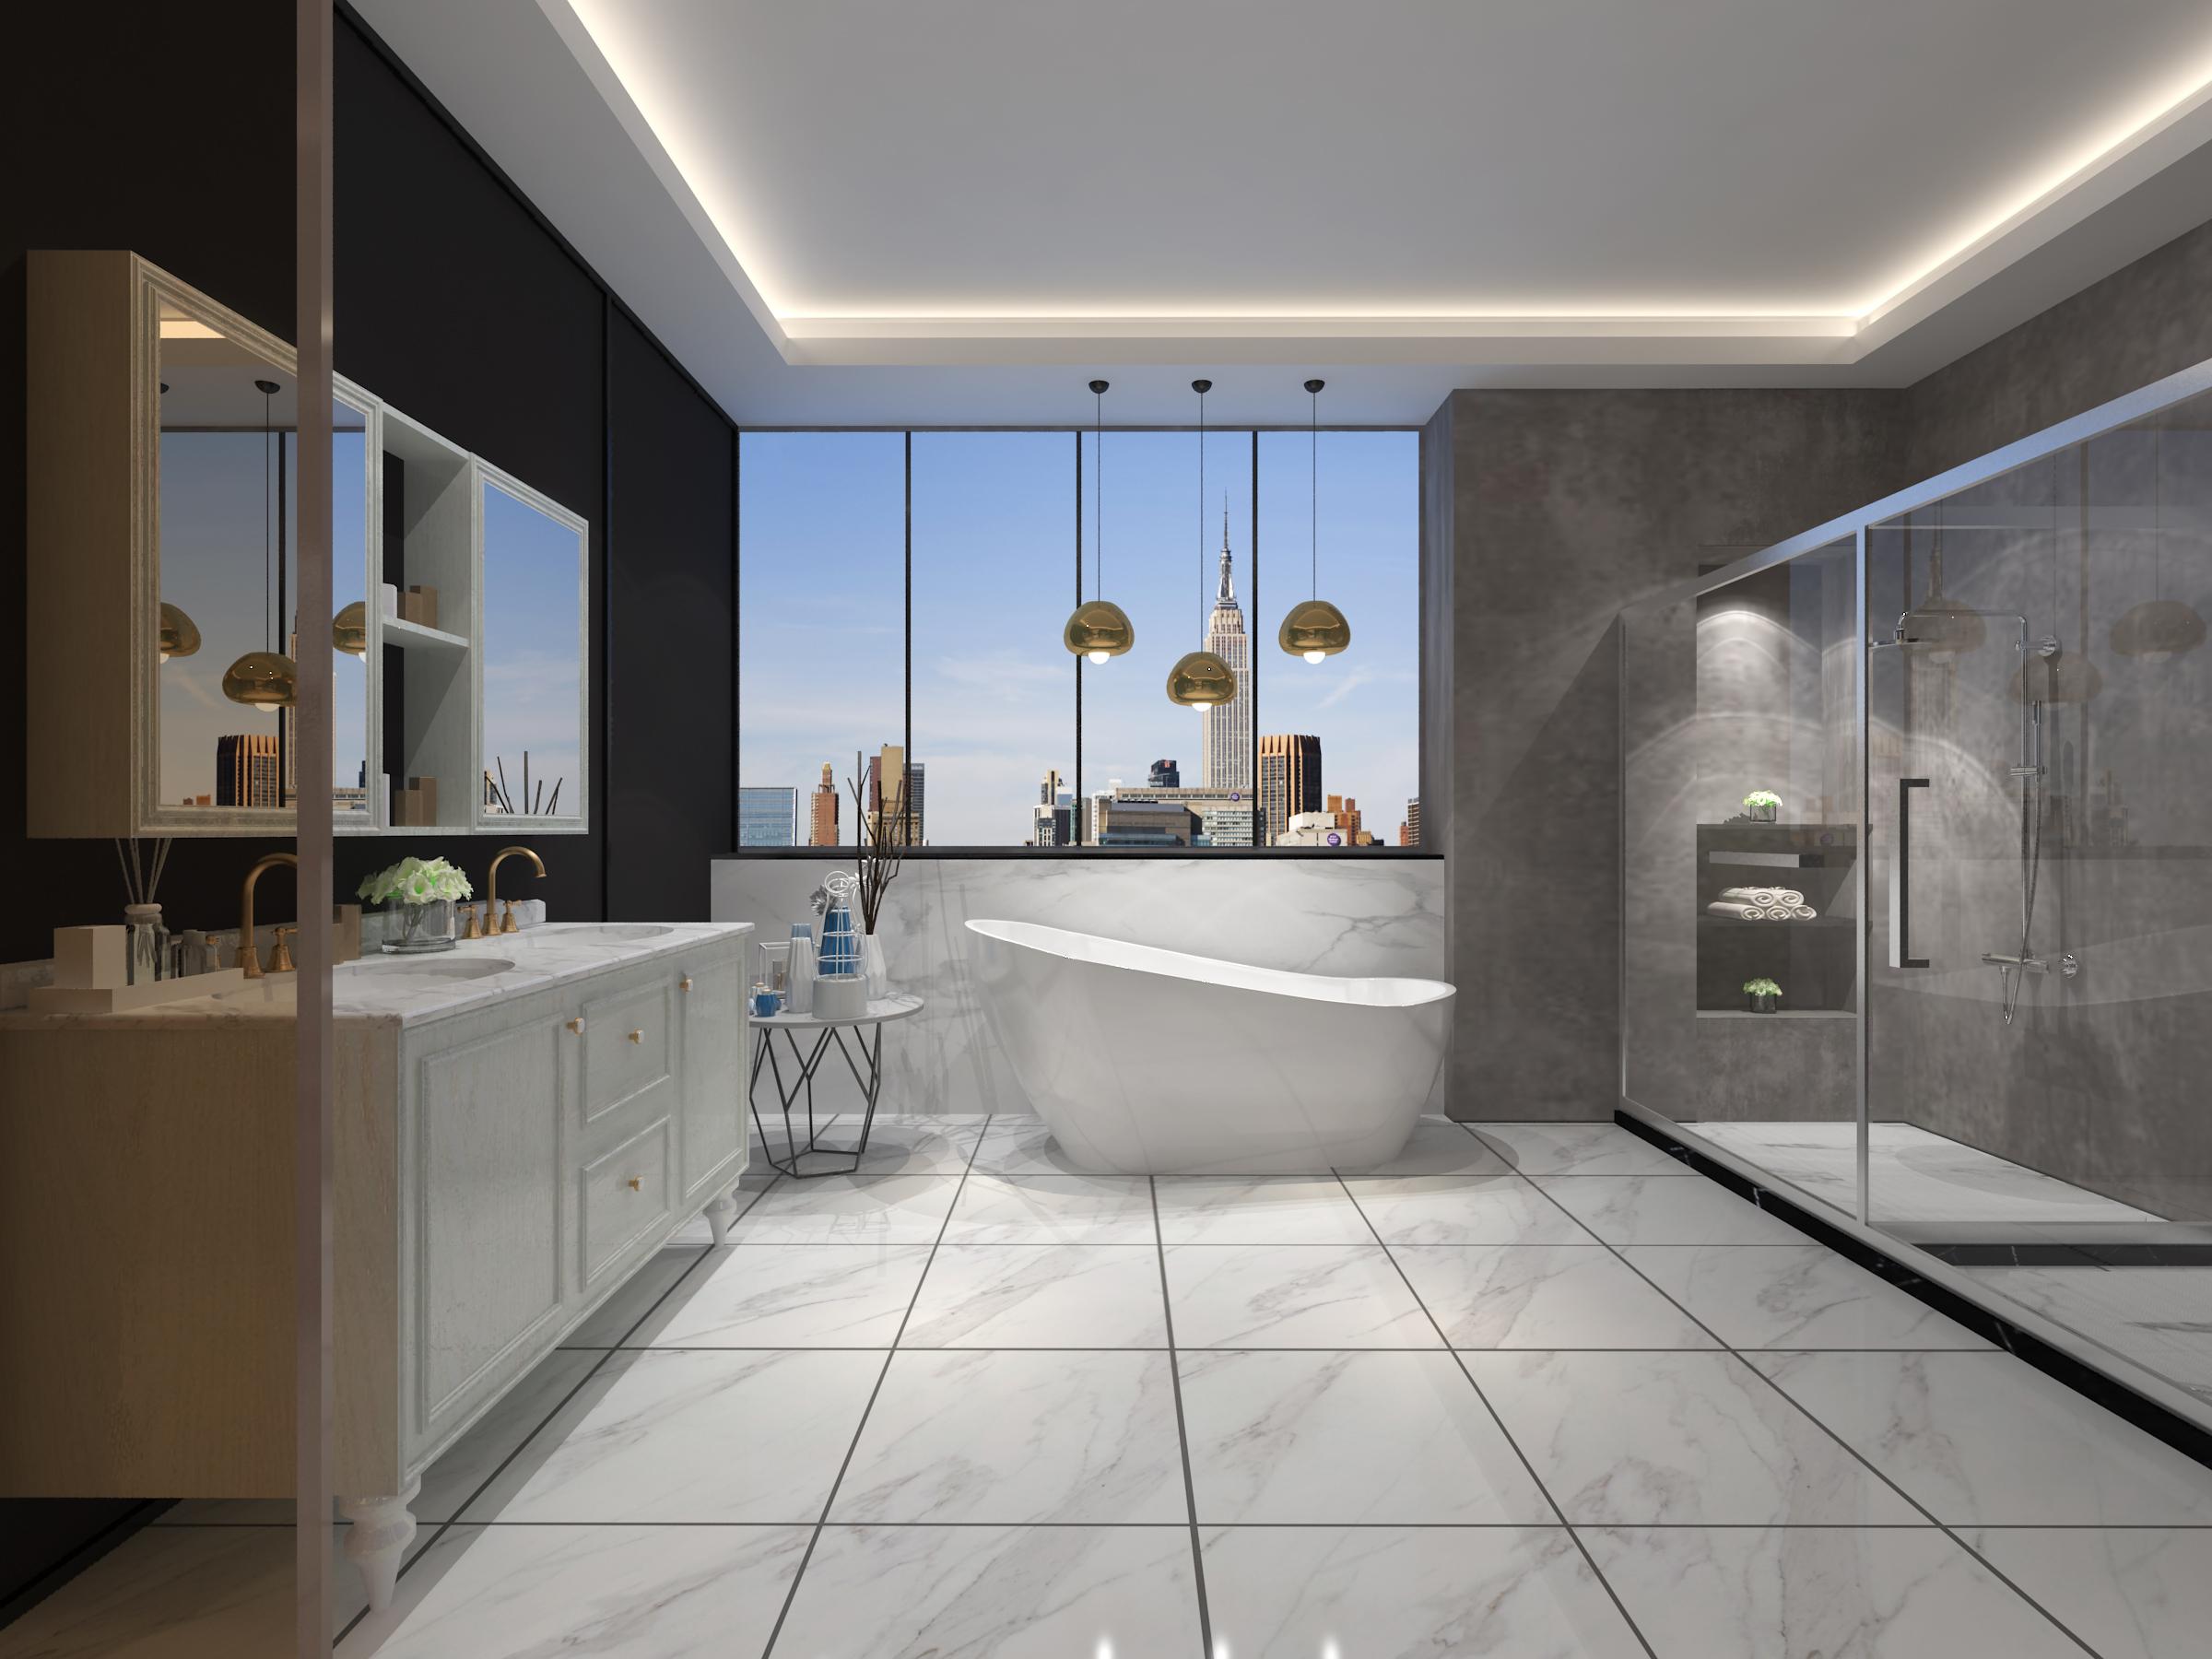 浴室清洁勤简快,清理浴室放大招